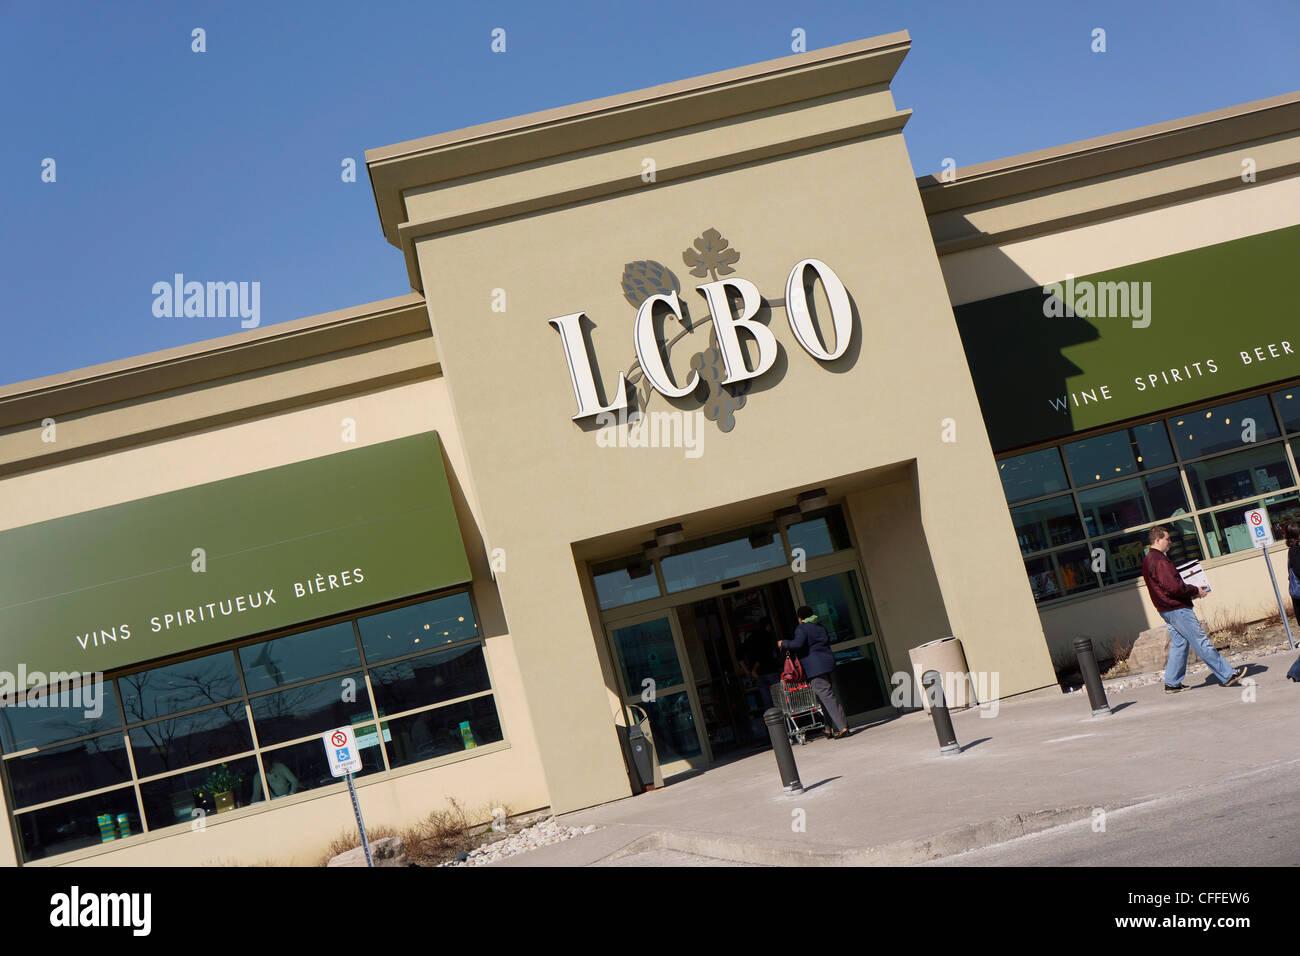 LCBO, Liquor Control Board of Ontario Immagini Stock